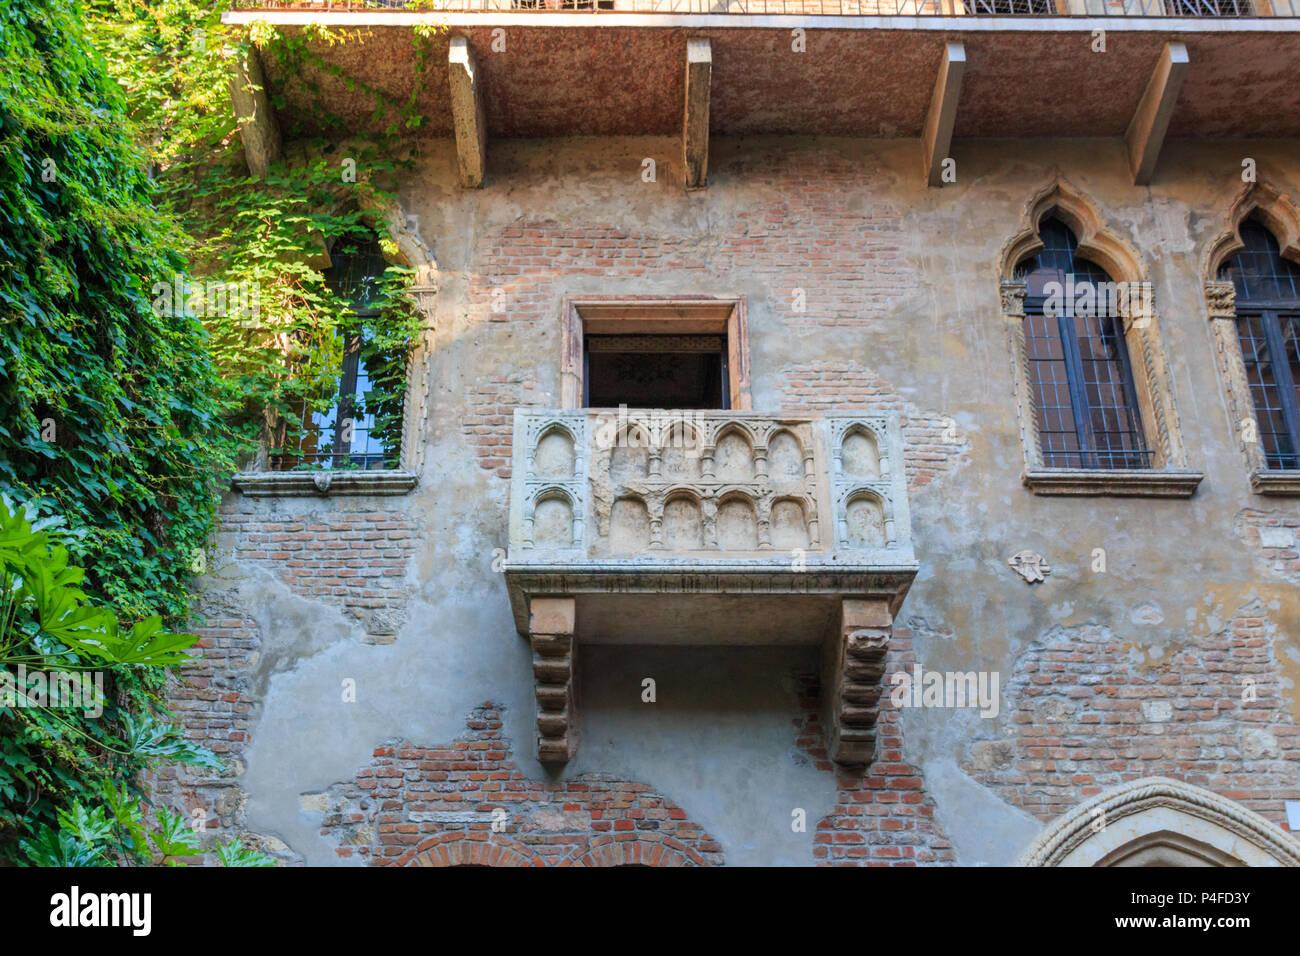 Balkon auf das Haus der Julia ist ein Wahrzeichen und Touristenattraktion in Verona, Italien Stockbild